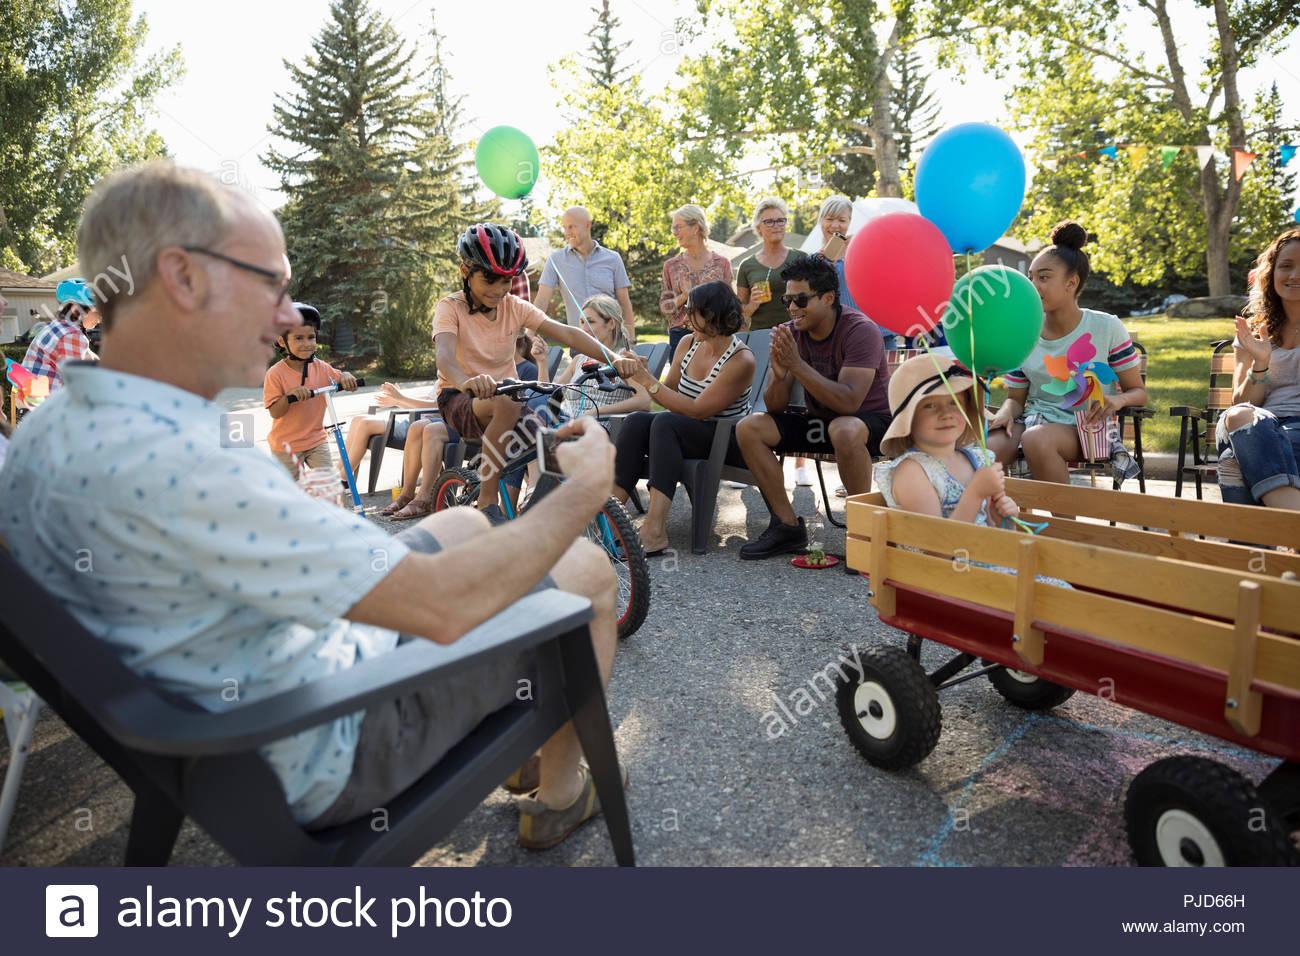 Les enfants des voisins bénéficiant du défilé de la fête de quartier d'été Banque D'Images